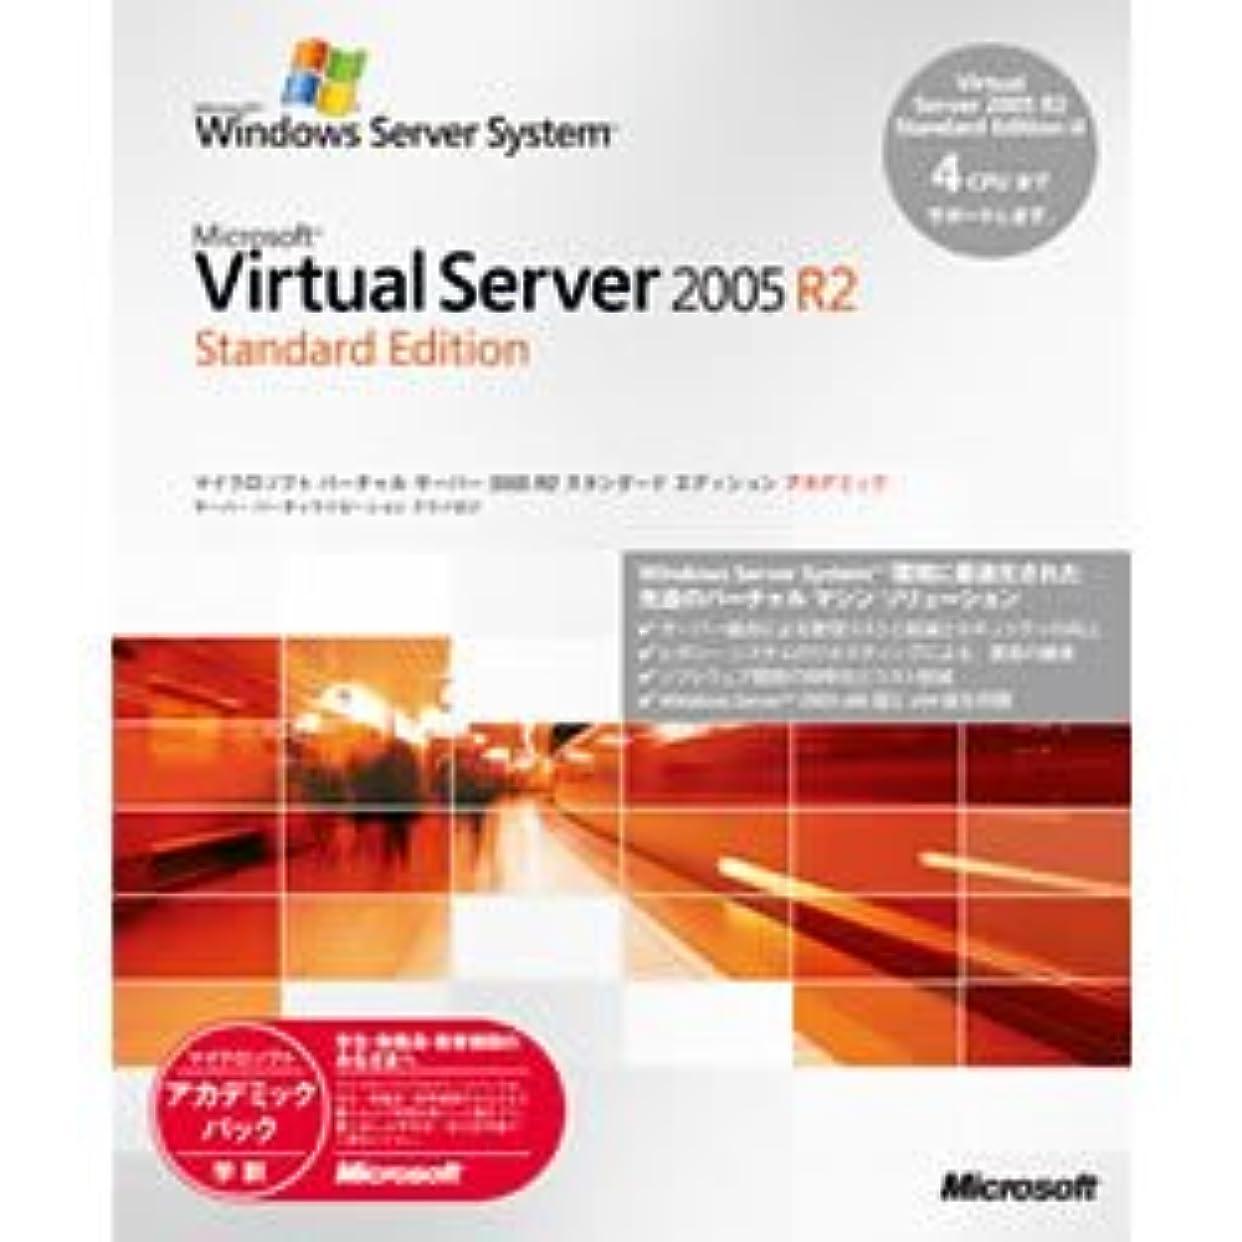 薄汚いタッチ以内にMicrosoft Virtual Server 2005 R2 Standard Edition 日本語版 アカデミック